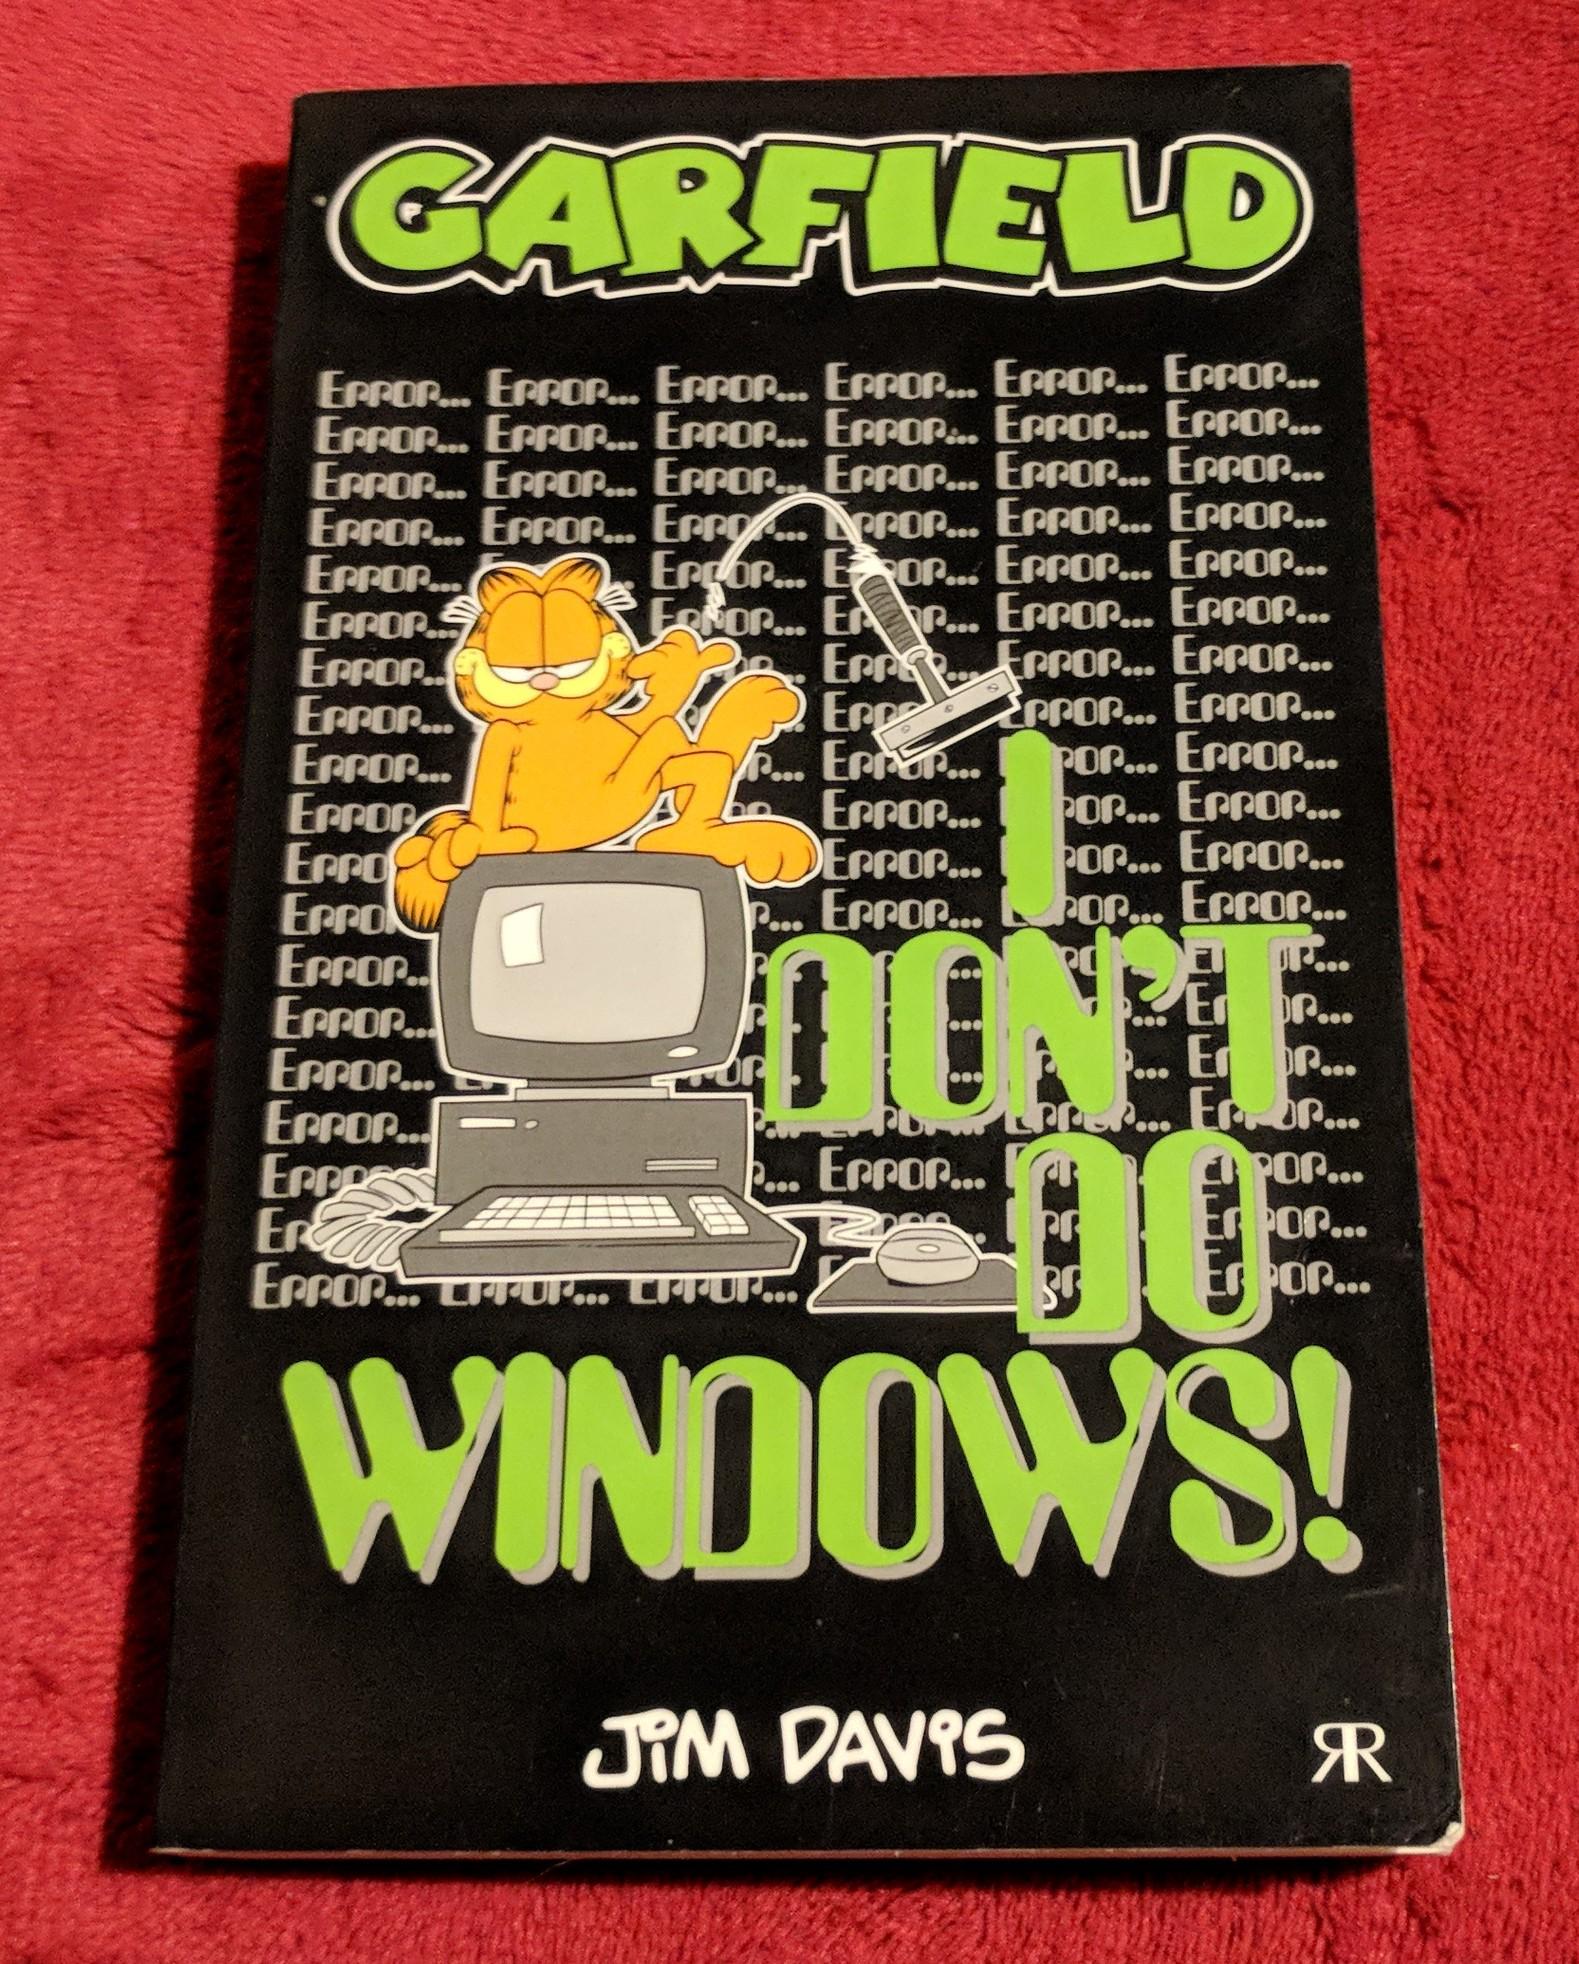 Garfield - I Don't Do Windows